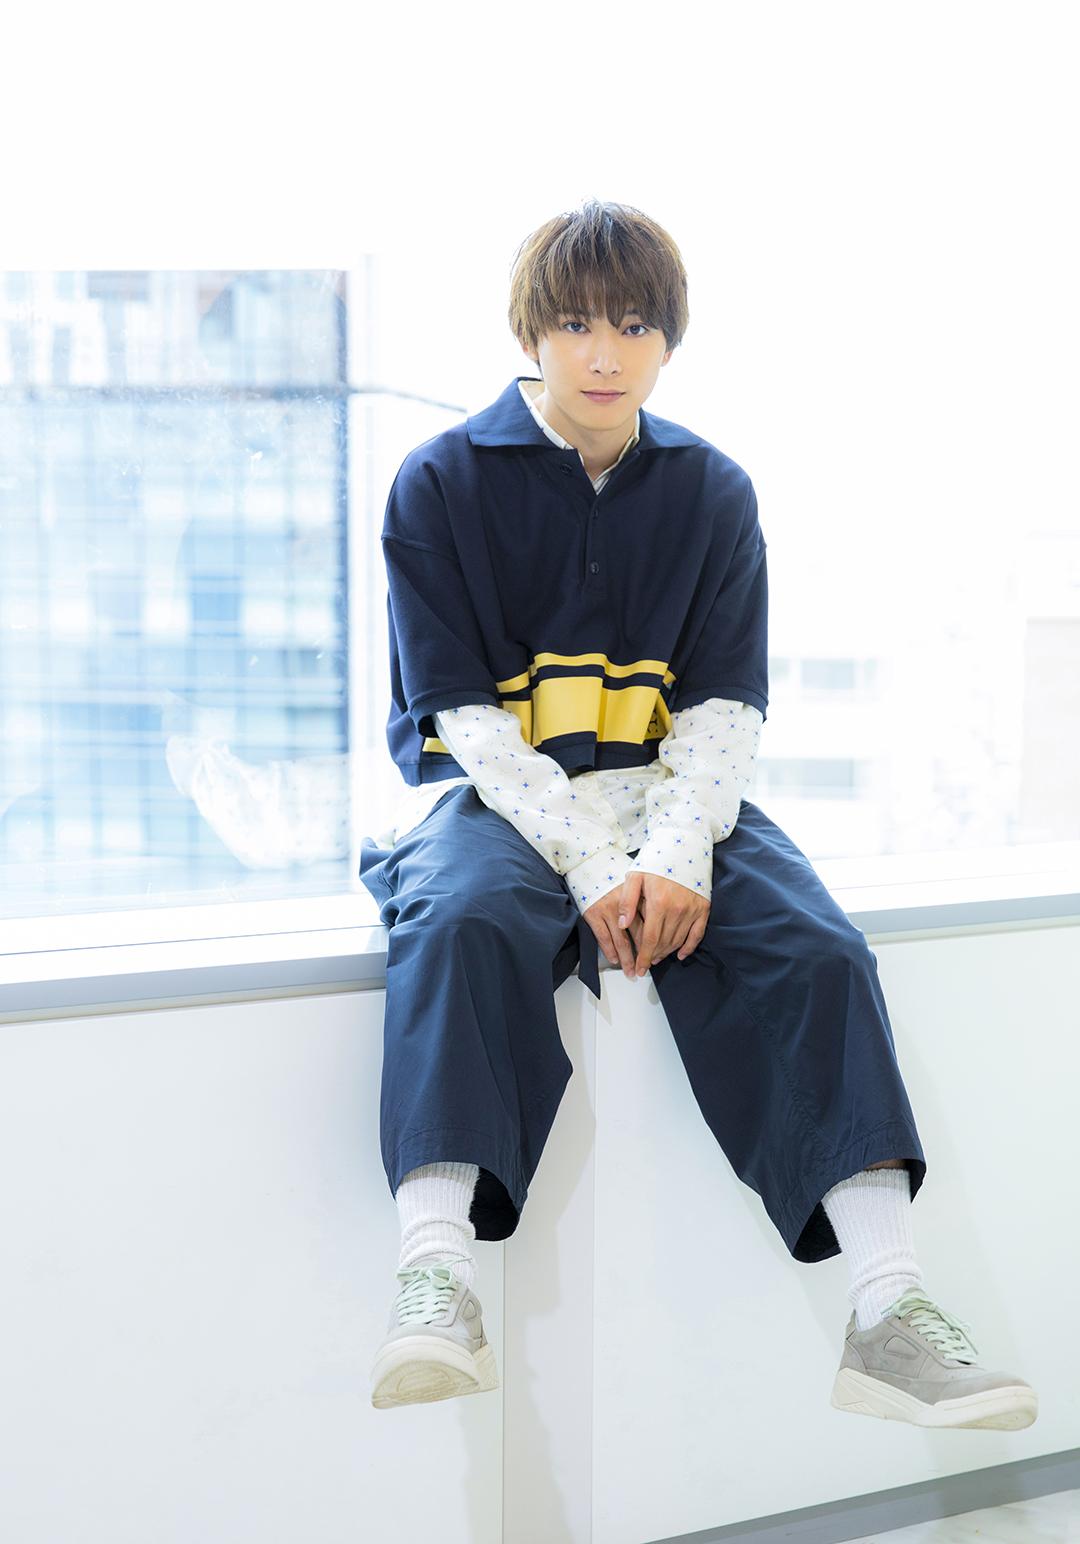 映画 猫は抱くもの 吉沢亮インタビュー 画像3 Sgs109